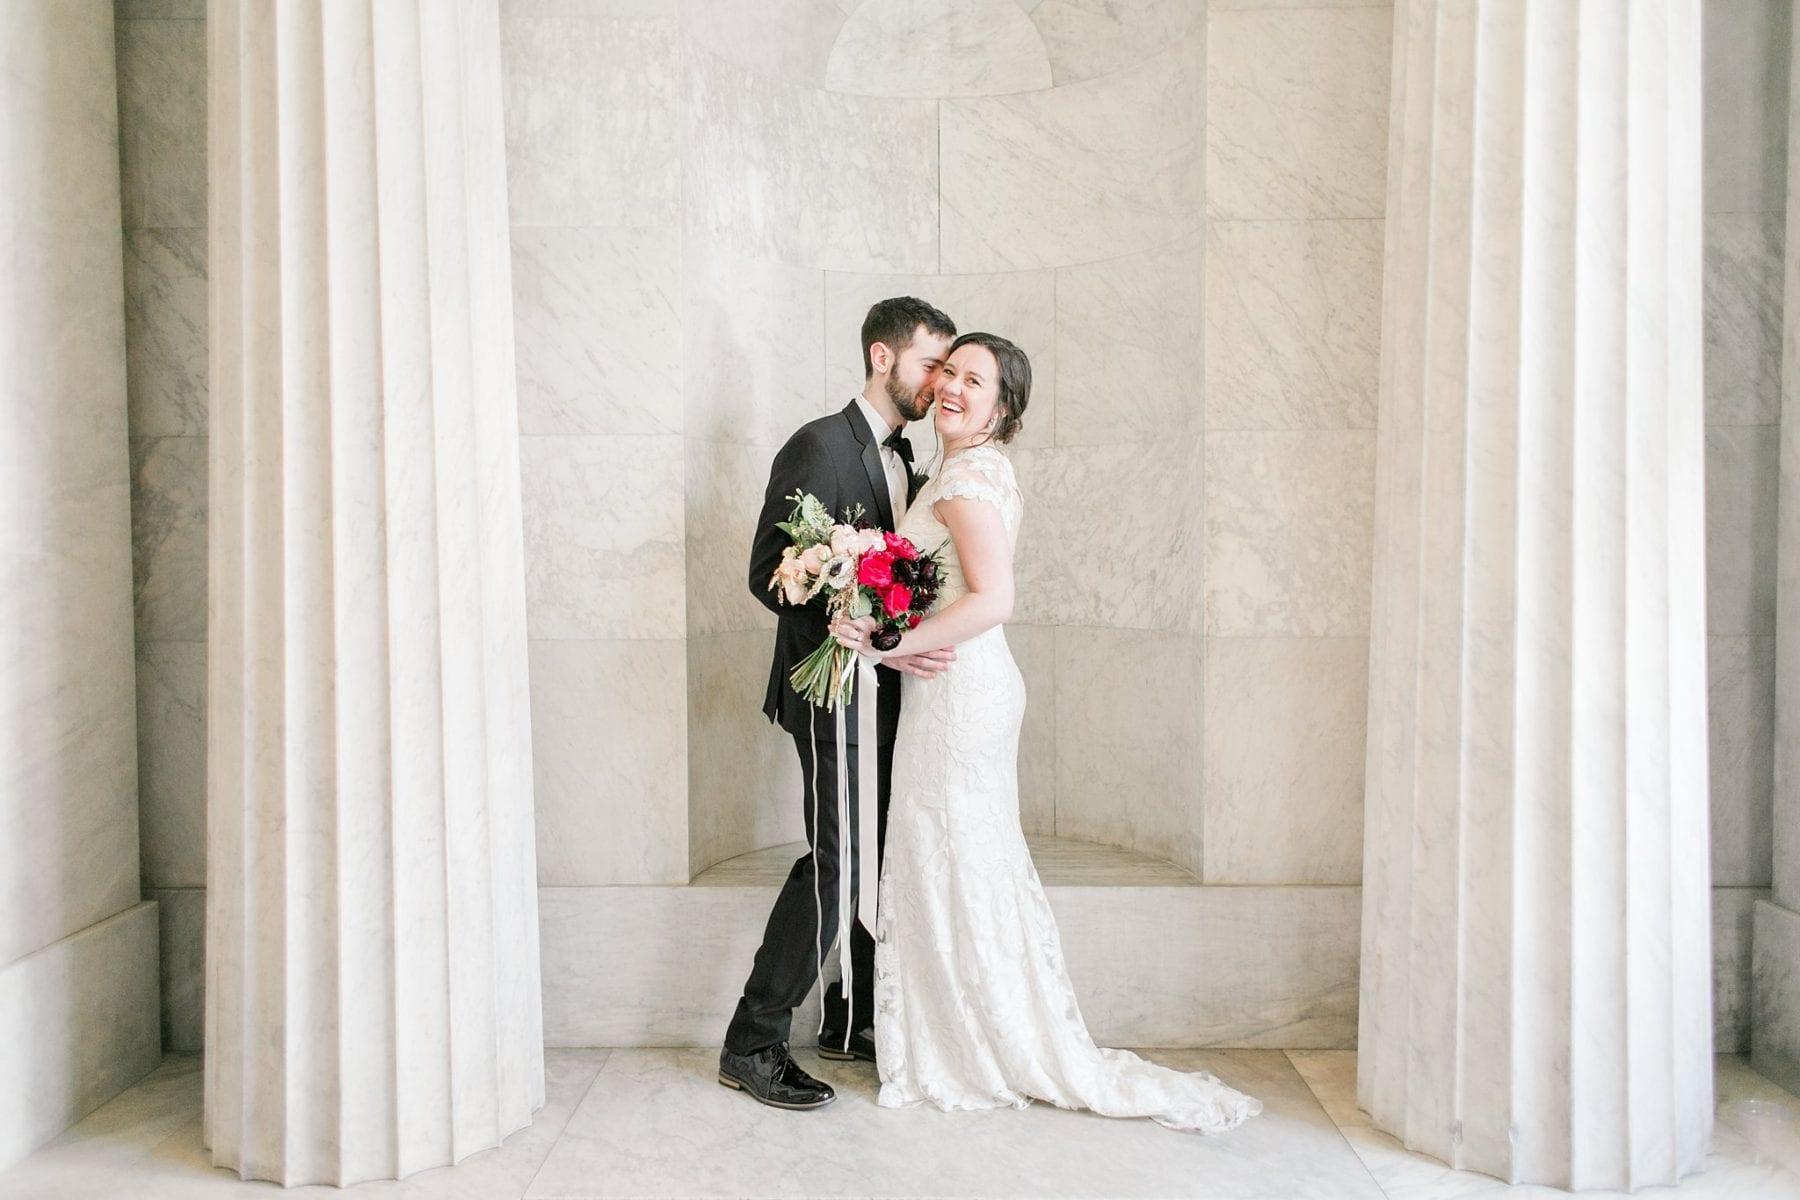 Hotel Monaco Washington DC Wedding Photos Megan Kelsey Photography Erin & Mike -85